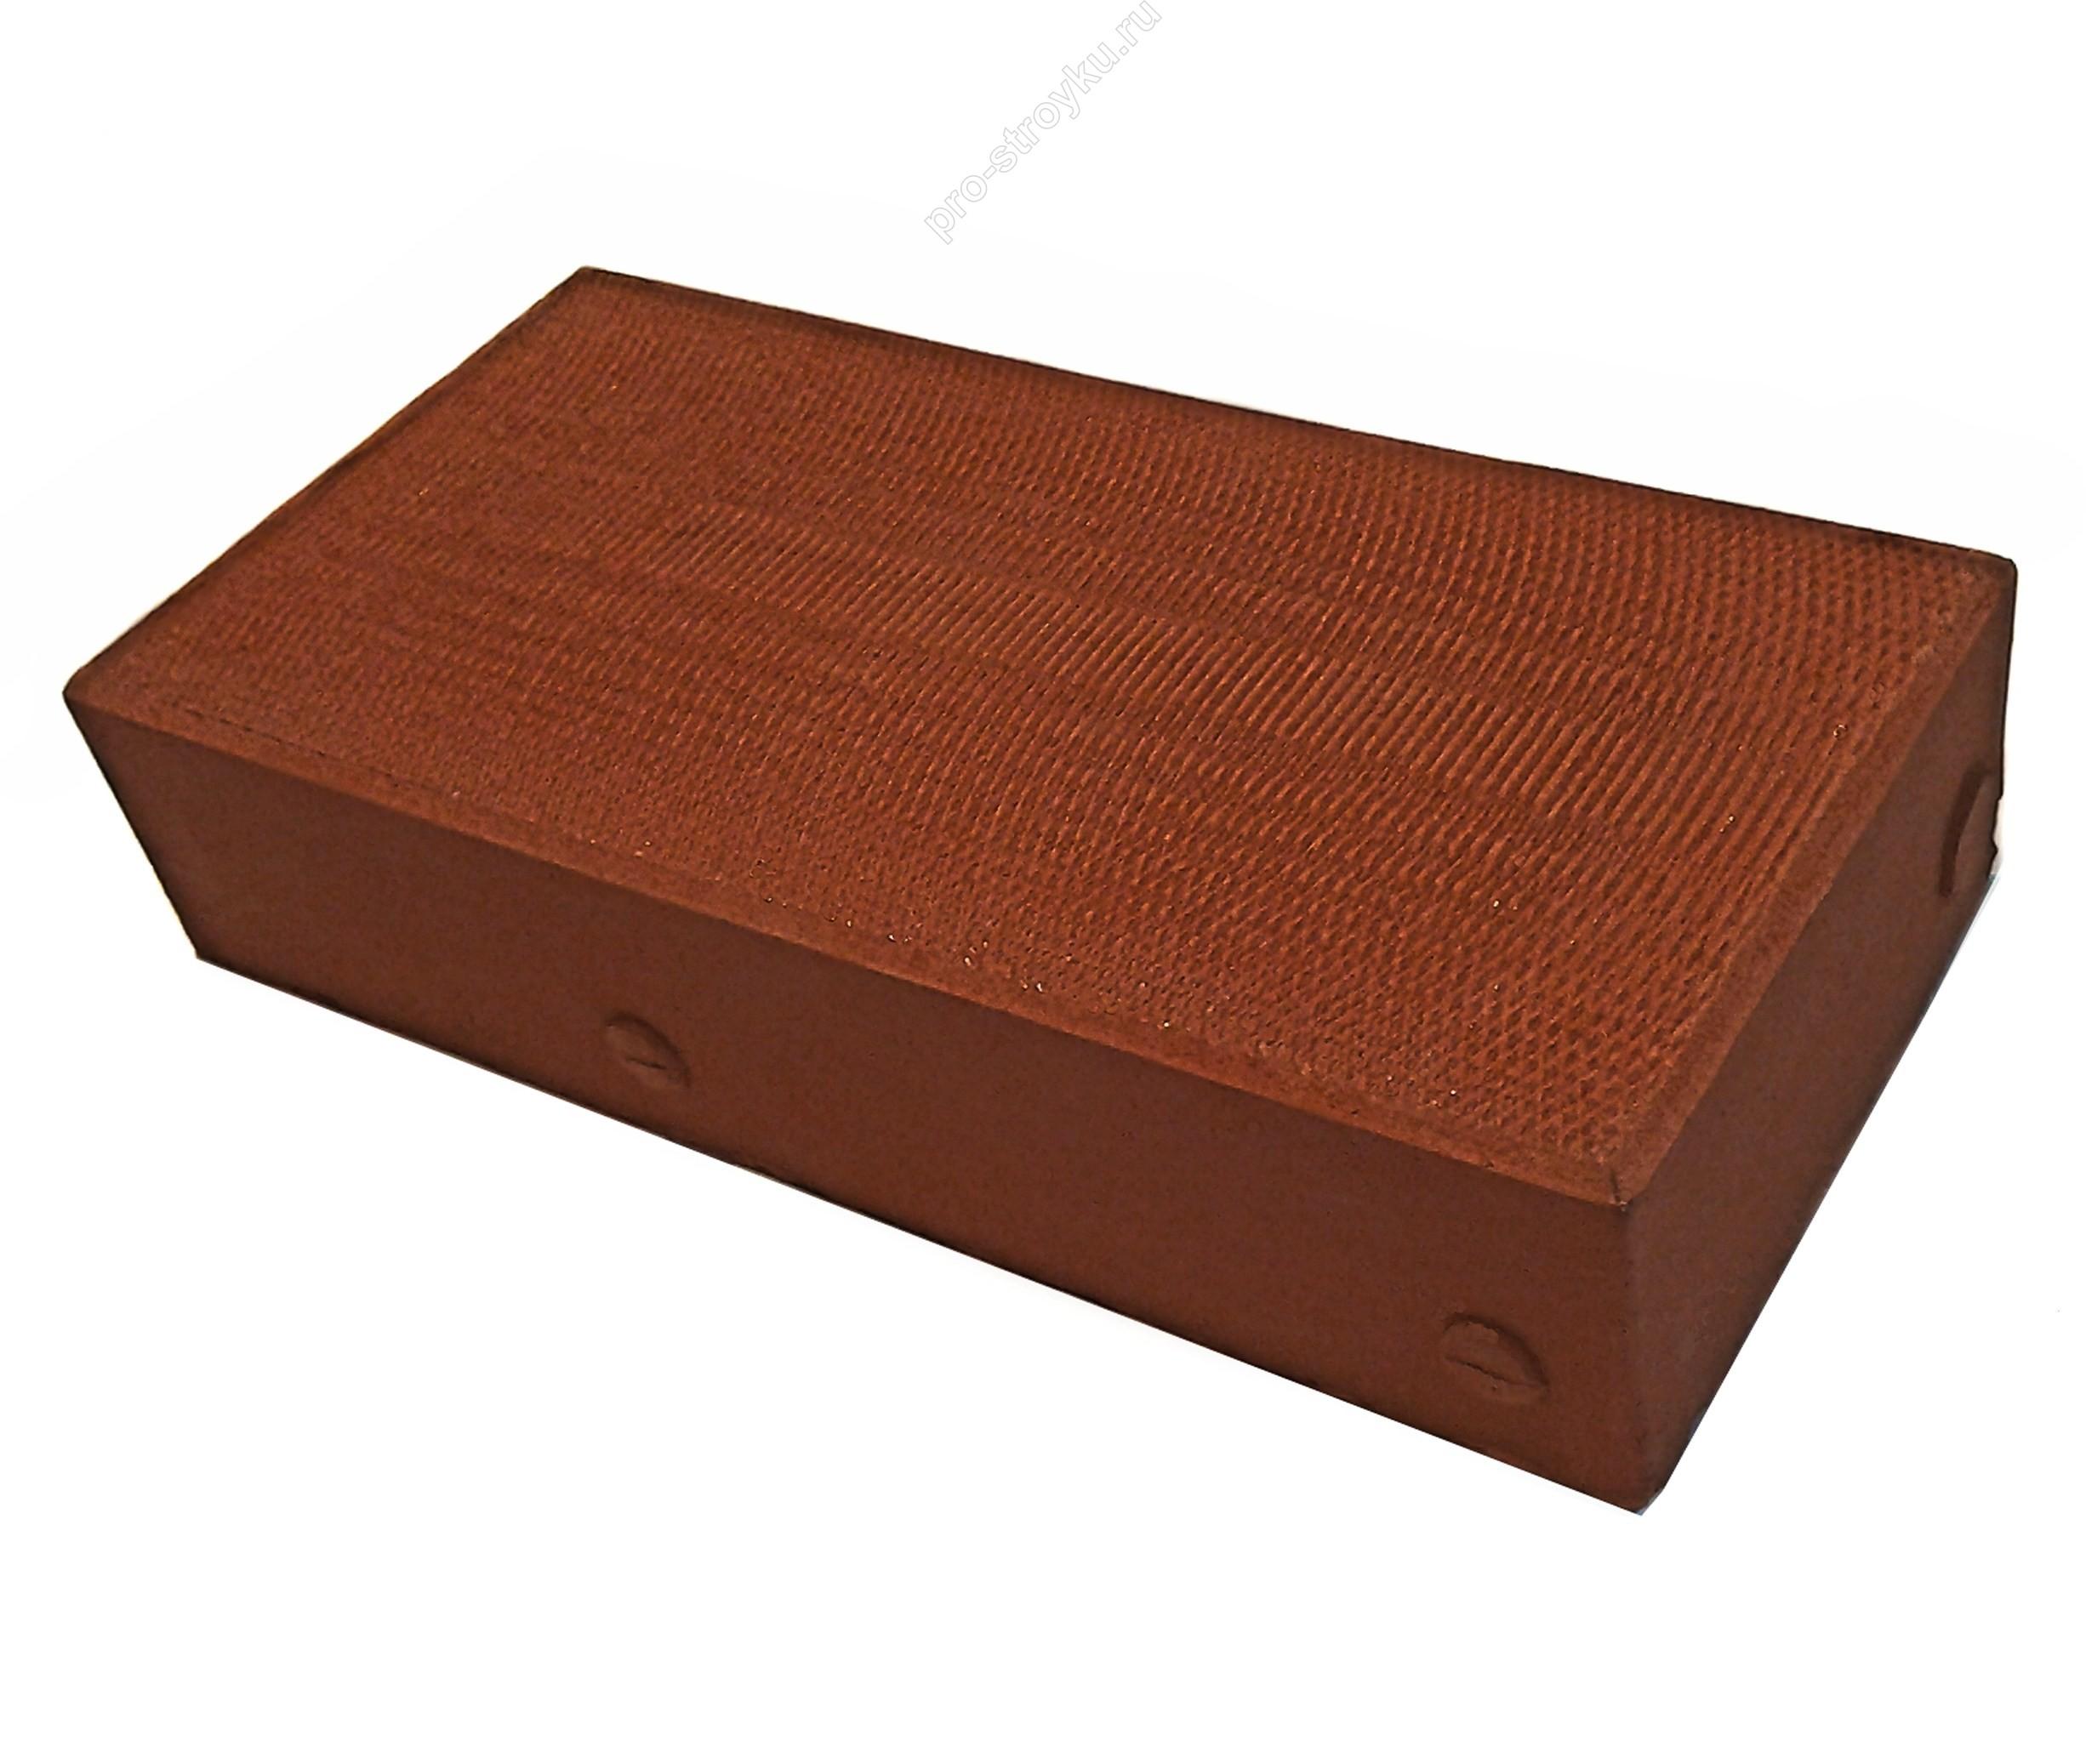 плитка рифленая для ступенек бетонной лестницы